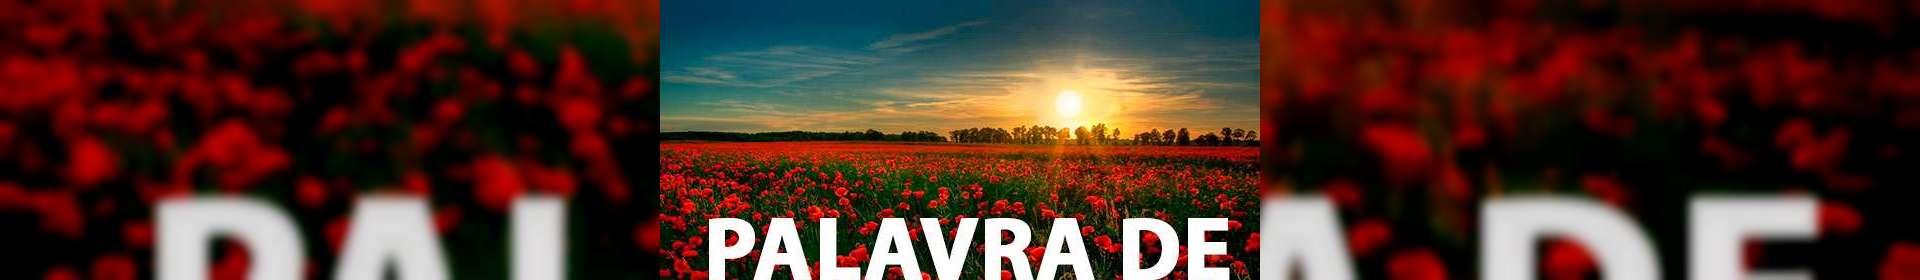 Levítico 23:24 - Uma Palavra de Esperança para sua vida